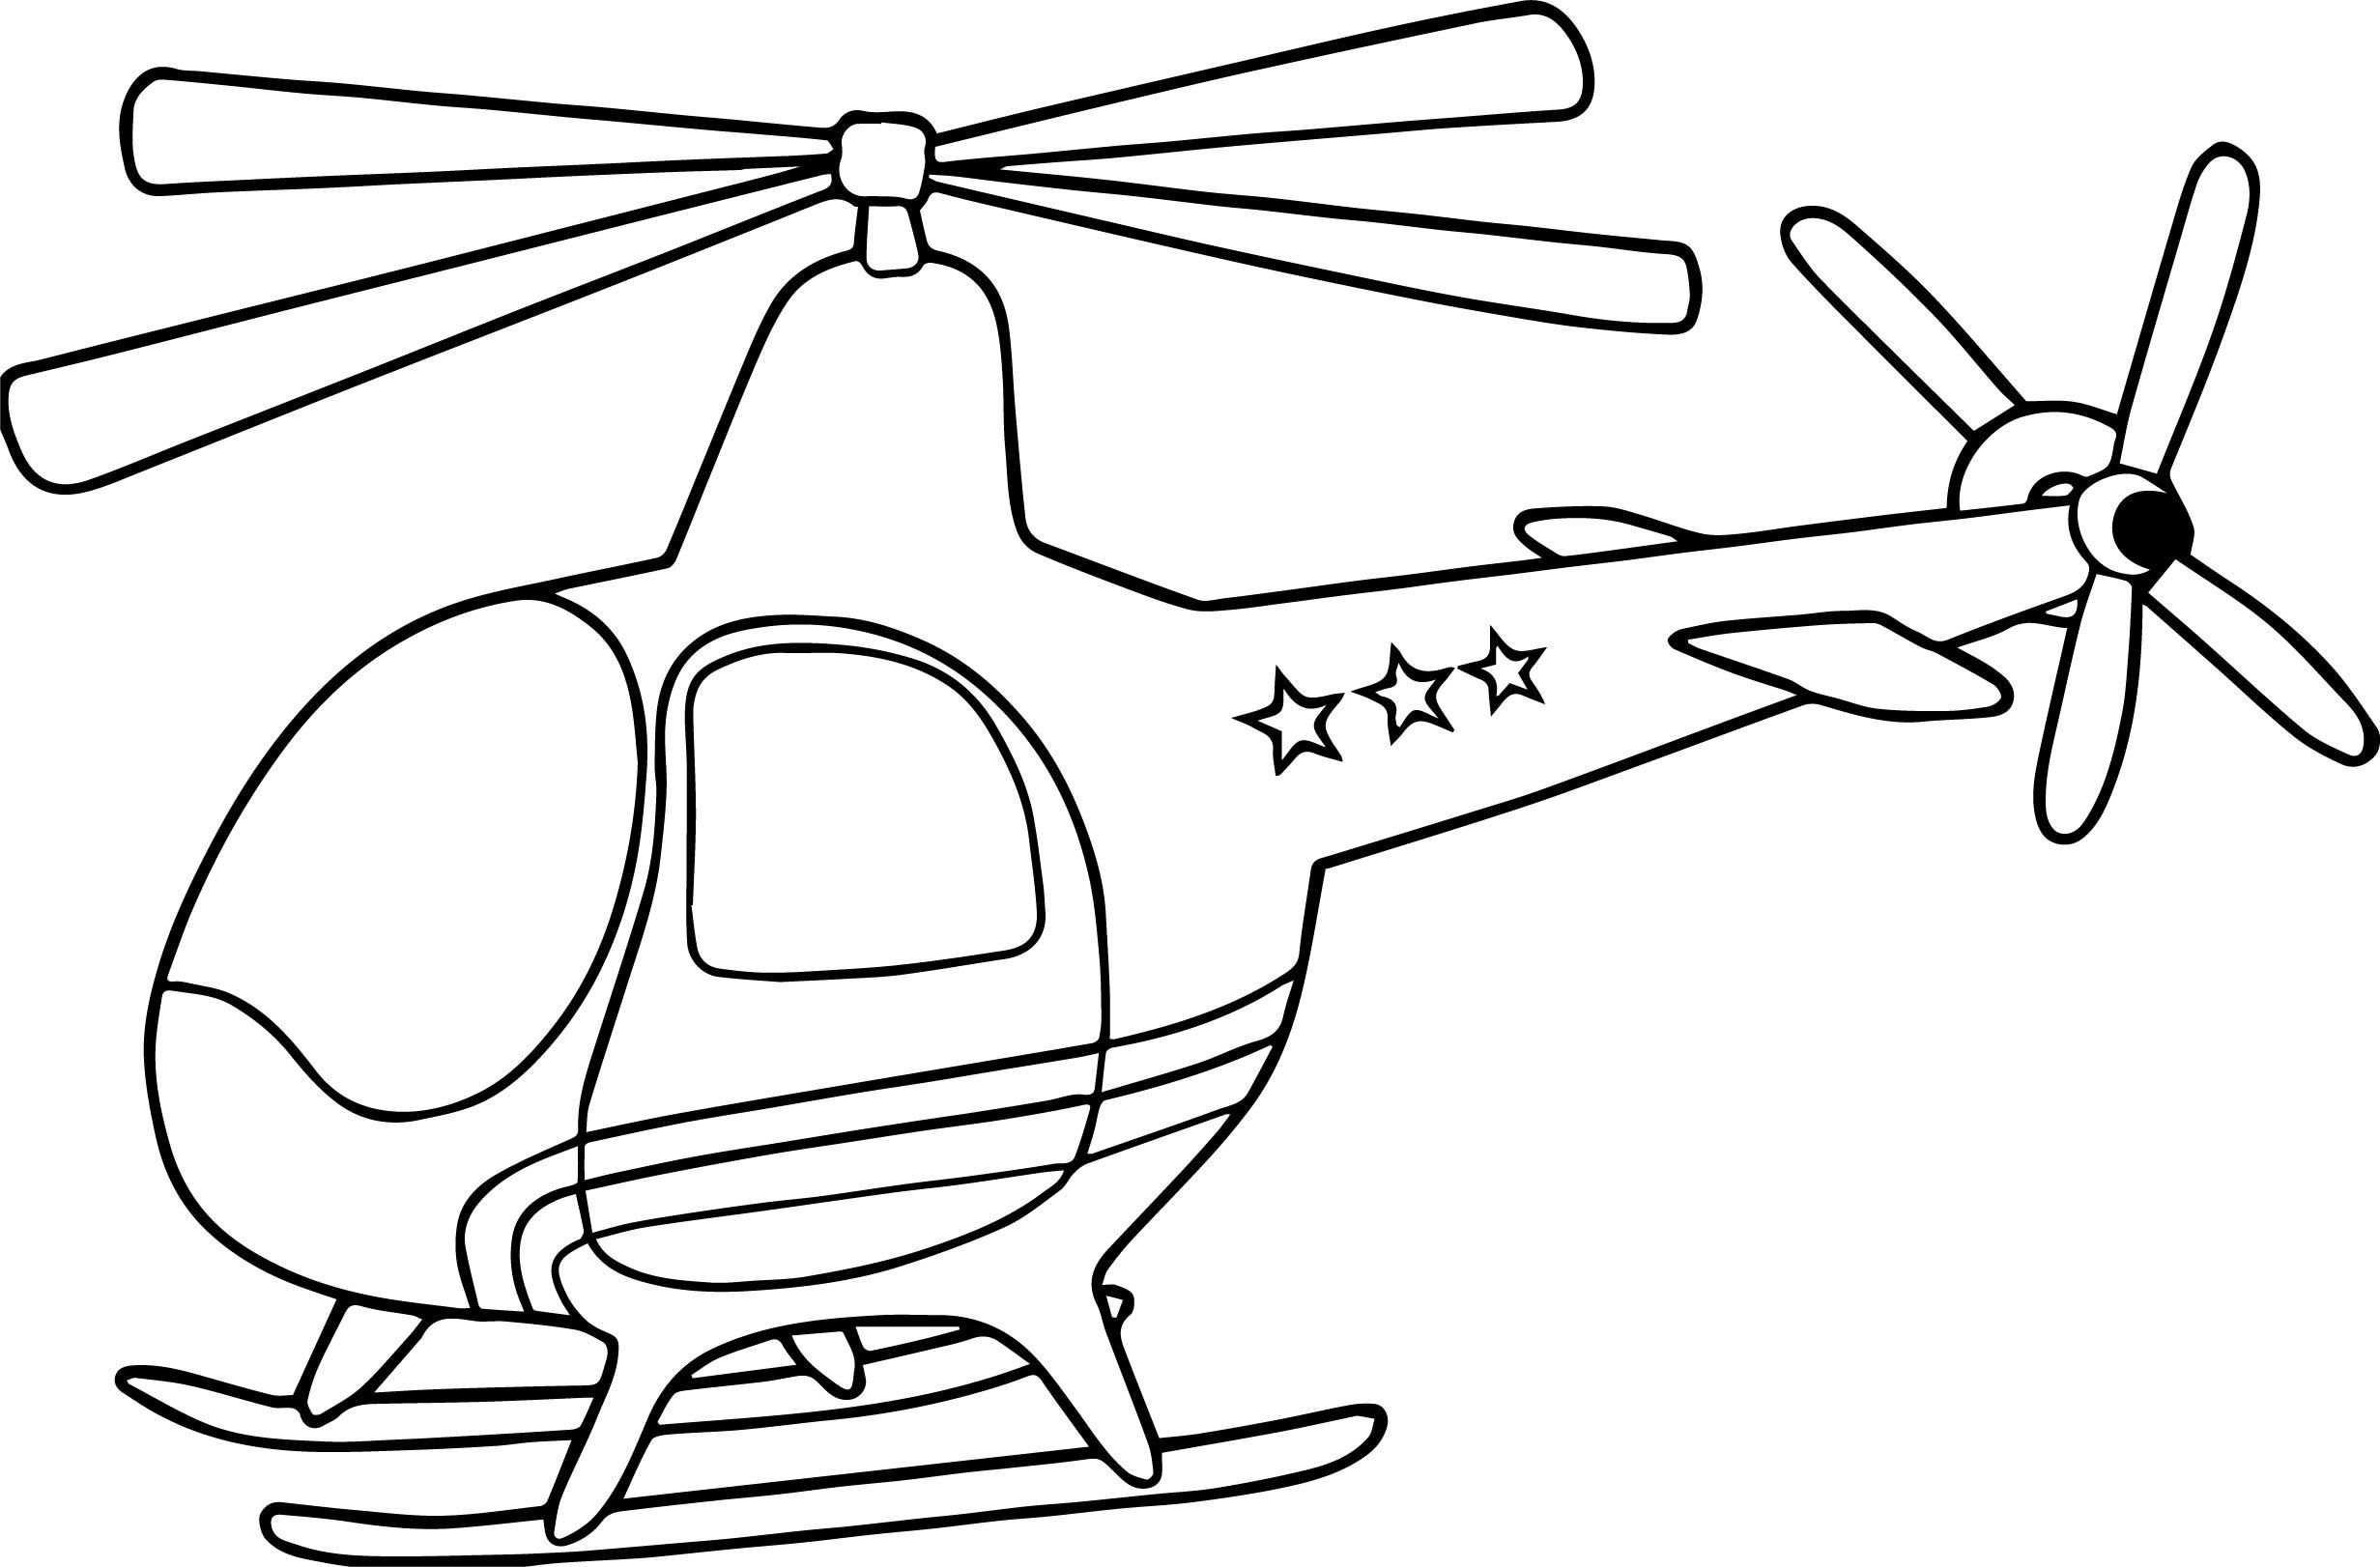 Hình tô màu máy bay trực thăng chất nhất